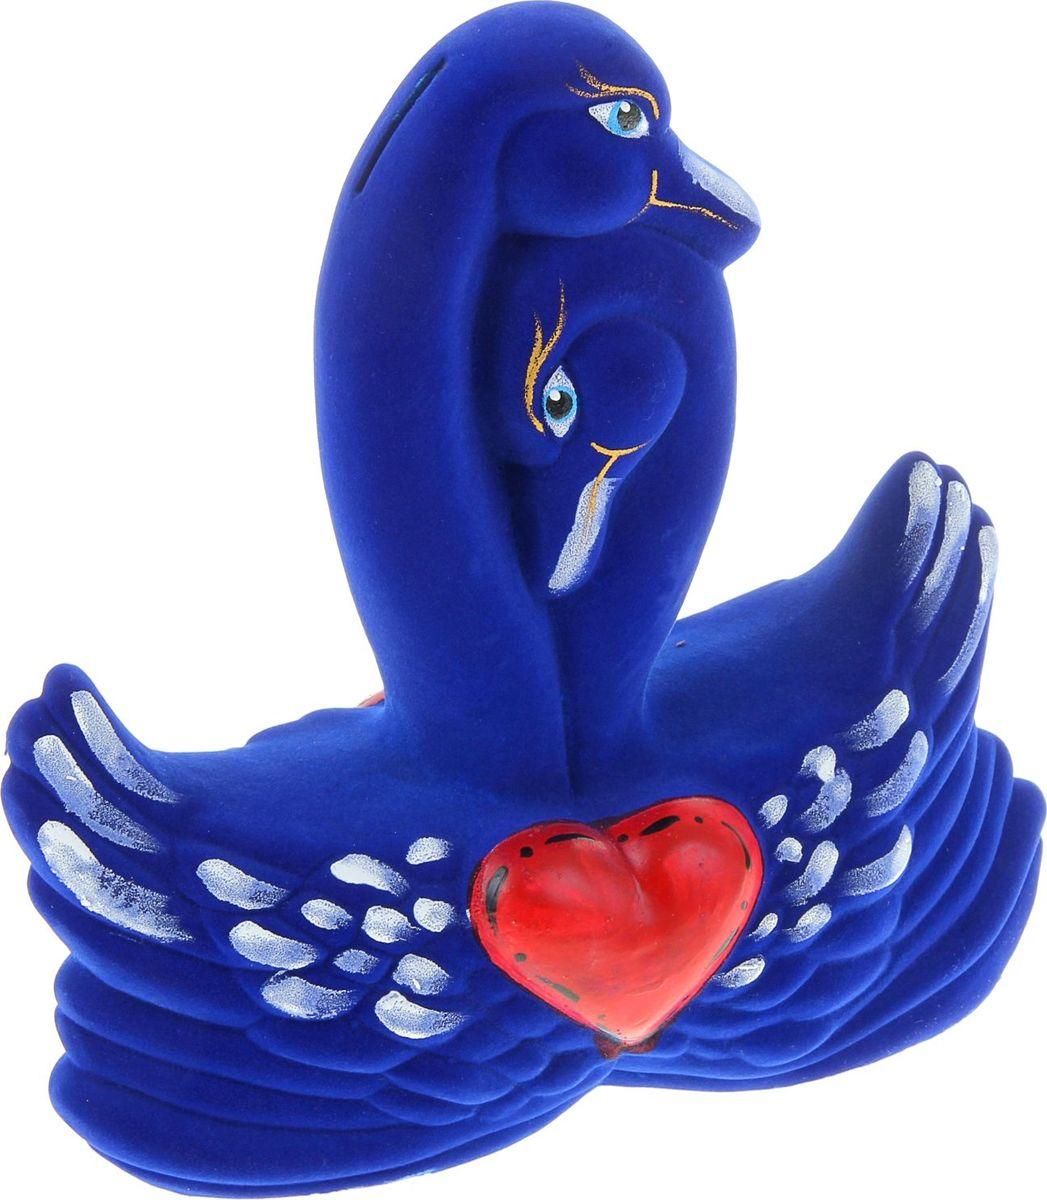 Копилка Керамика ручной работы Лебеди, 24 х 7 х 24 см884511Если вы стремитесь приумножить свои доходы, поместите копилку с пернатым товарищем в спальню. Складывайте в неё монетки любого достоинства, и будете приятно удивлены накопленной суммой. Птицы являются олицетворением полёта души, любви, счастья, а также вдохновляют на развитие, процветание и оптимизм.Обращаем ваше внимание, что копилка является одноразовой.